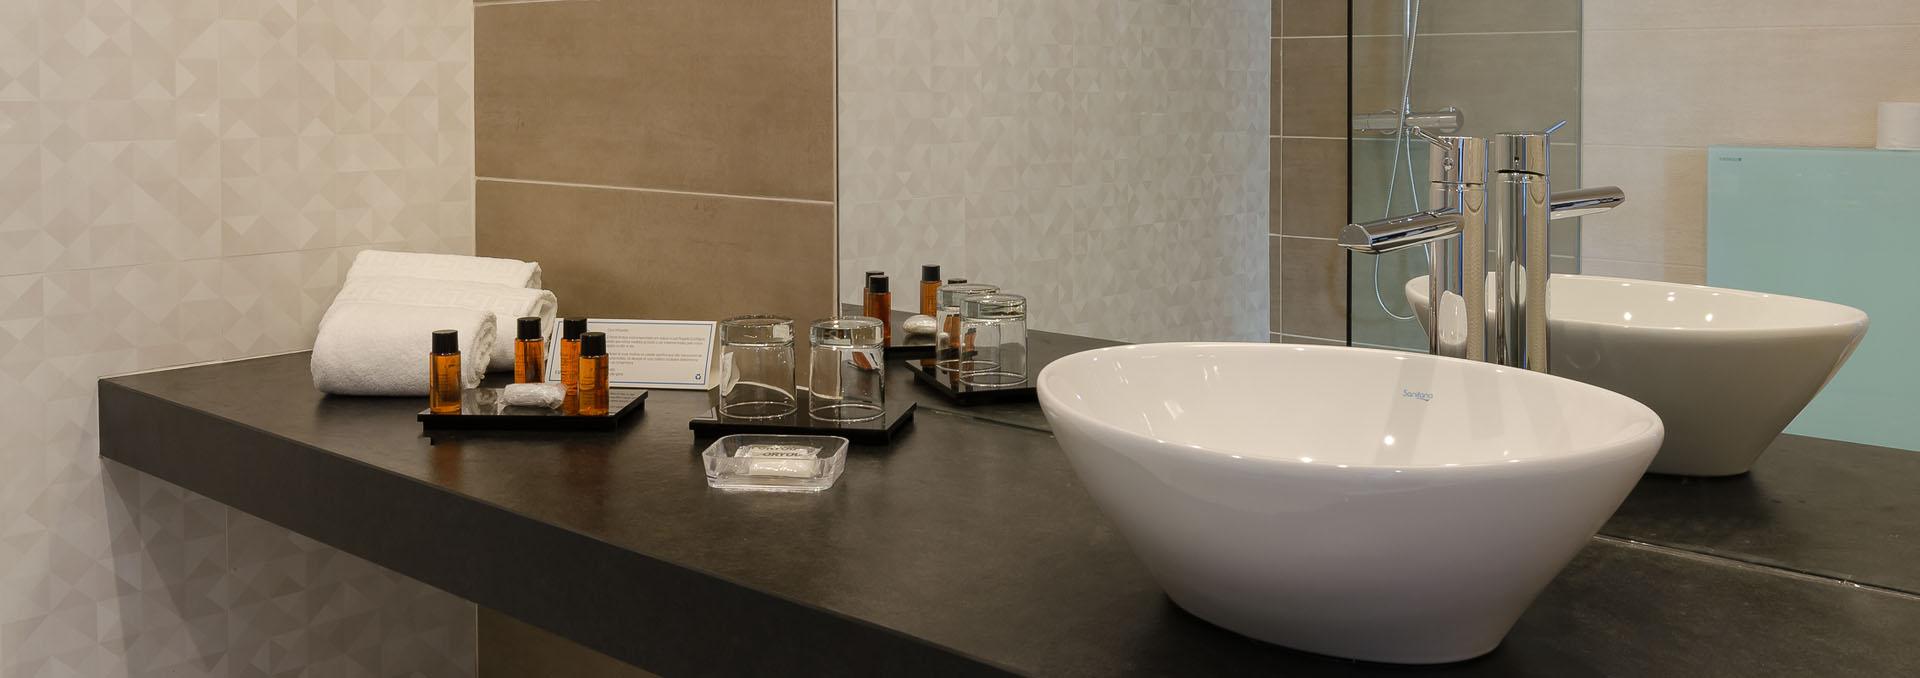 Arribas Sintra Hotel Alojamento / Casa de banho